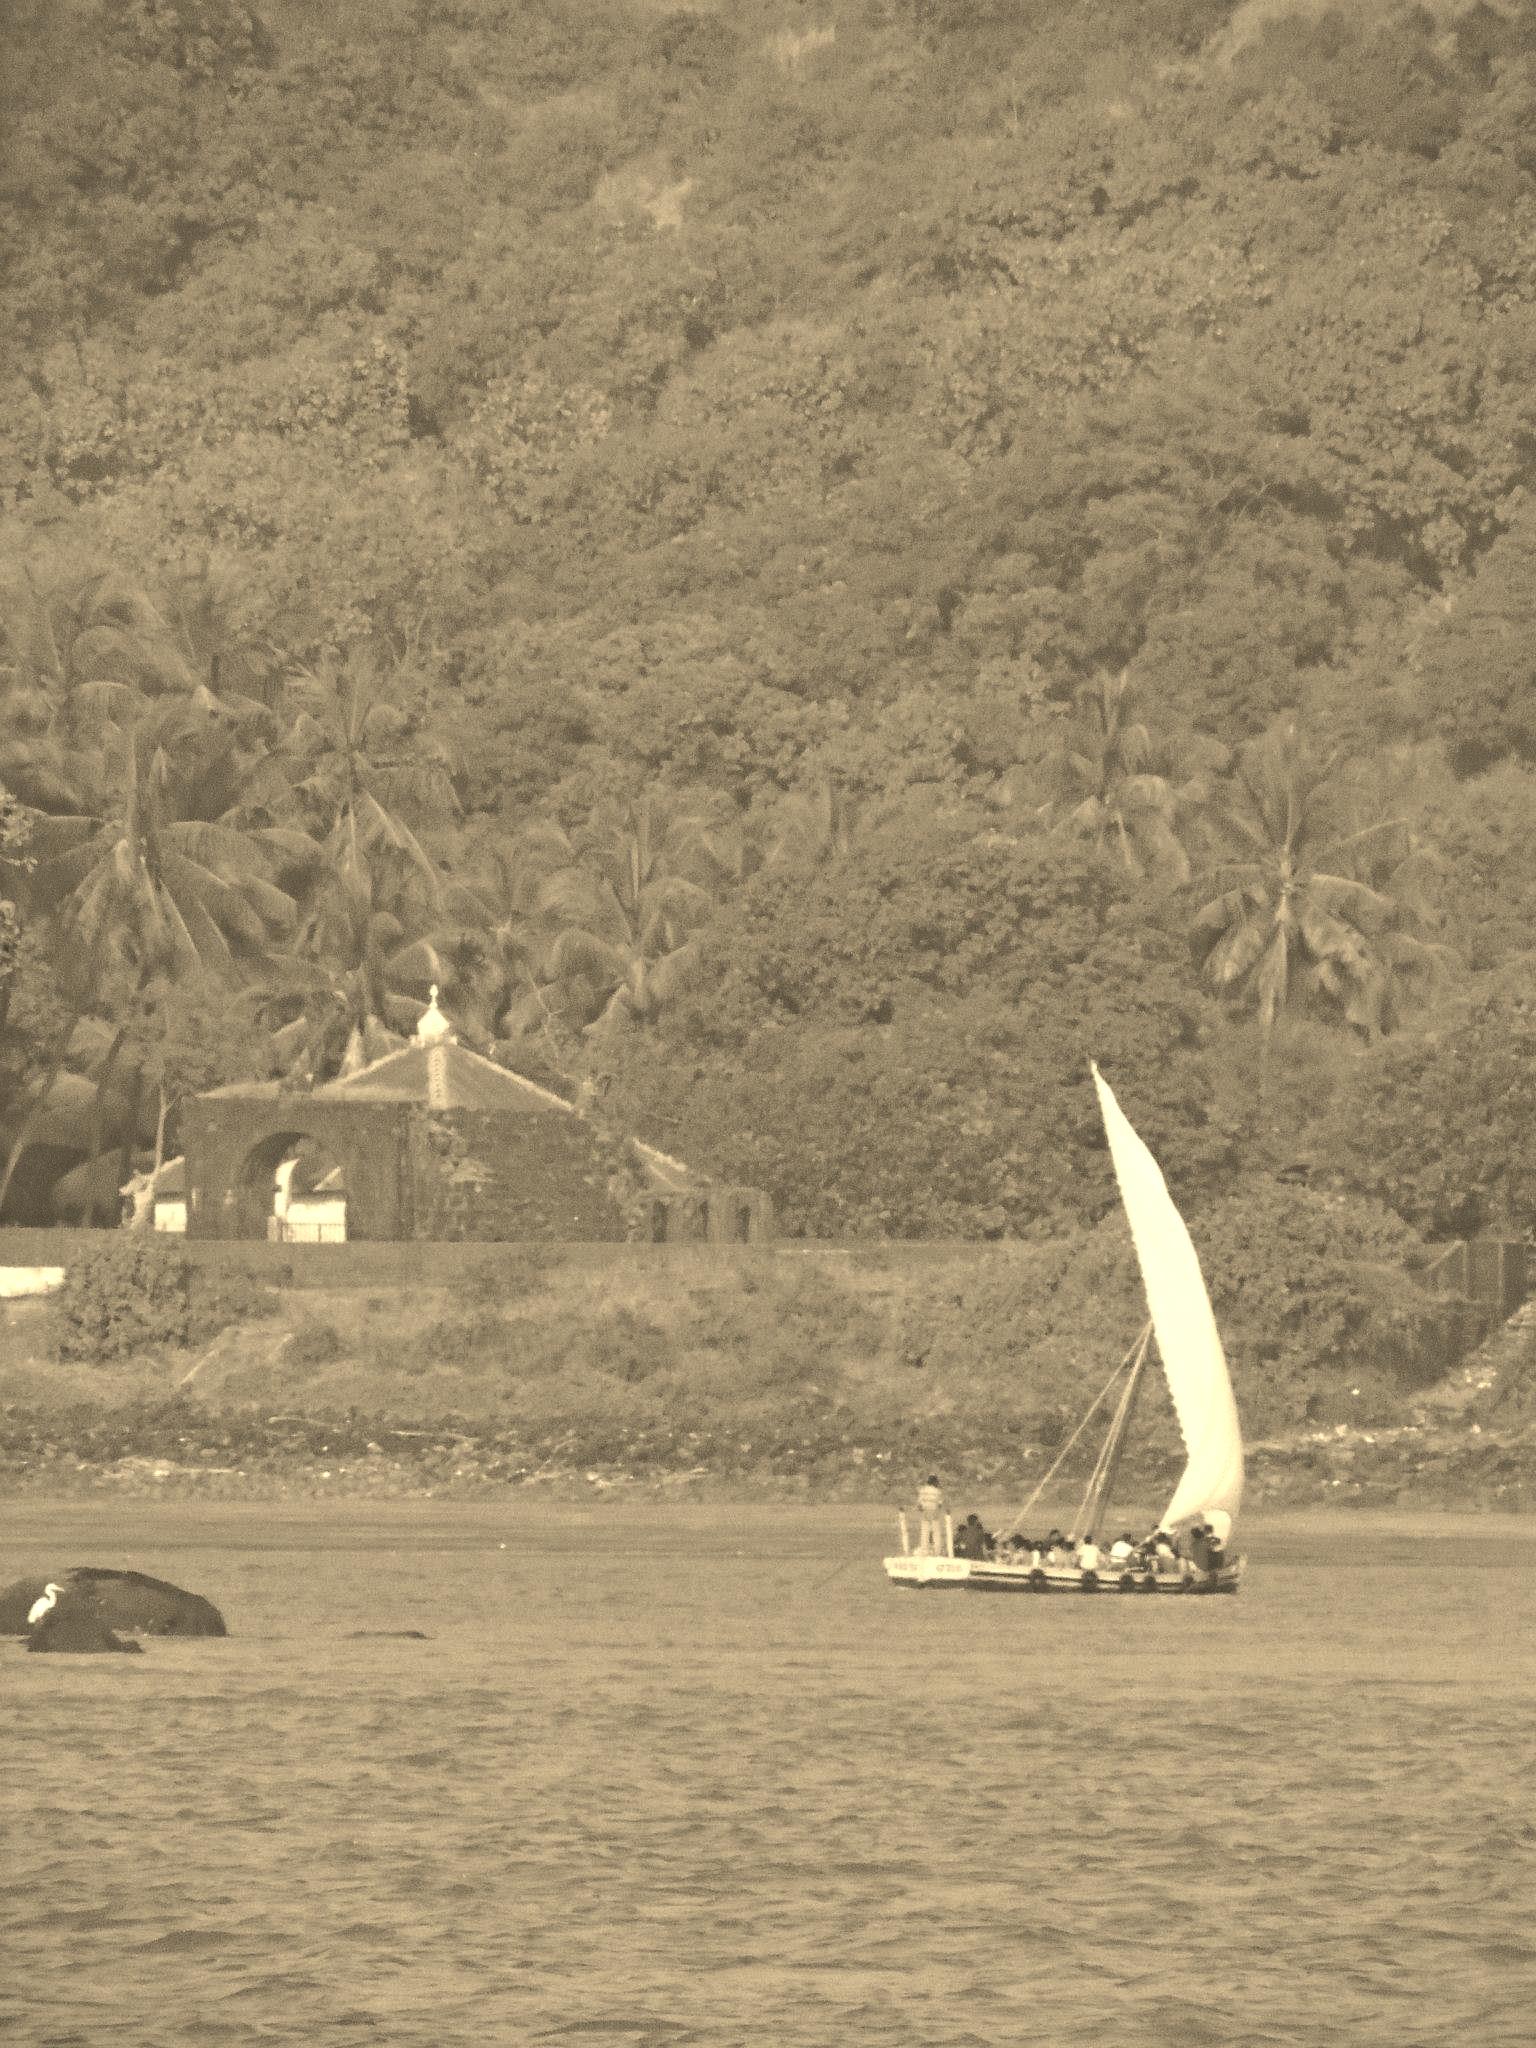 The Konkan Coast of India